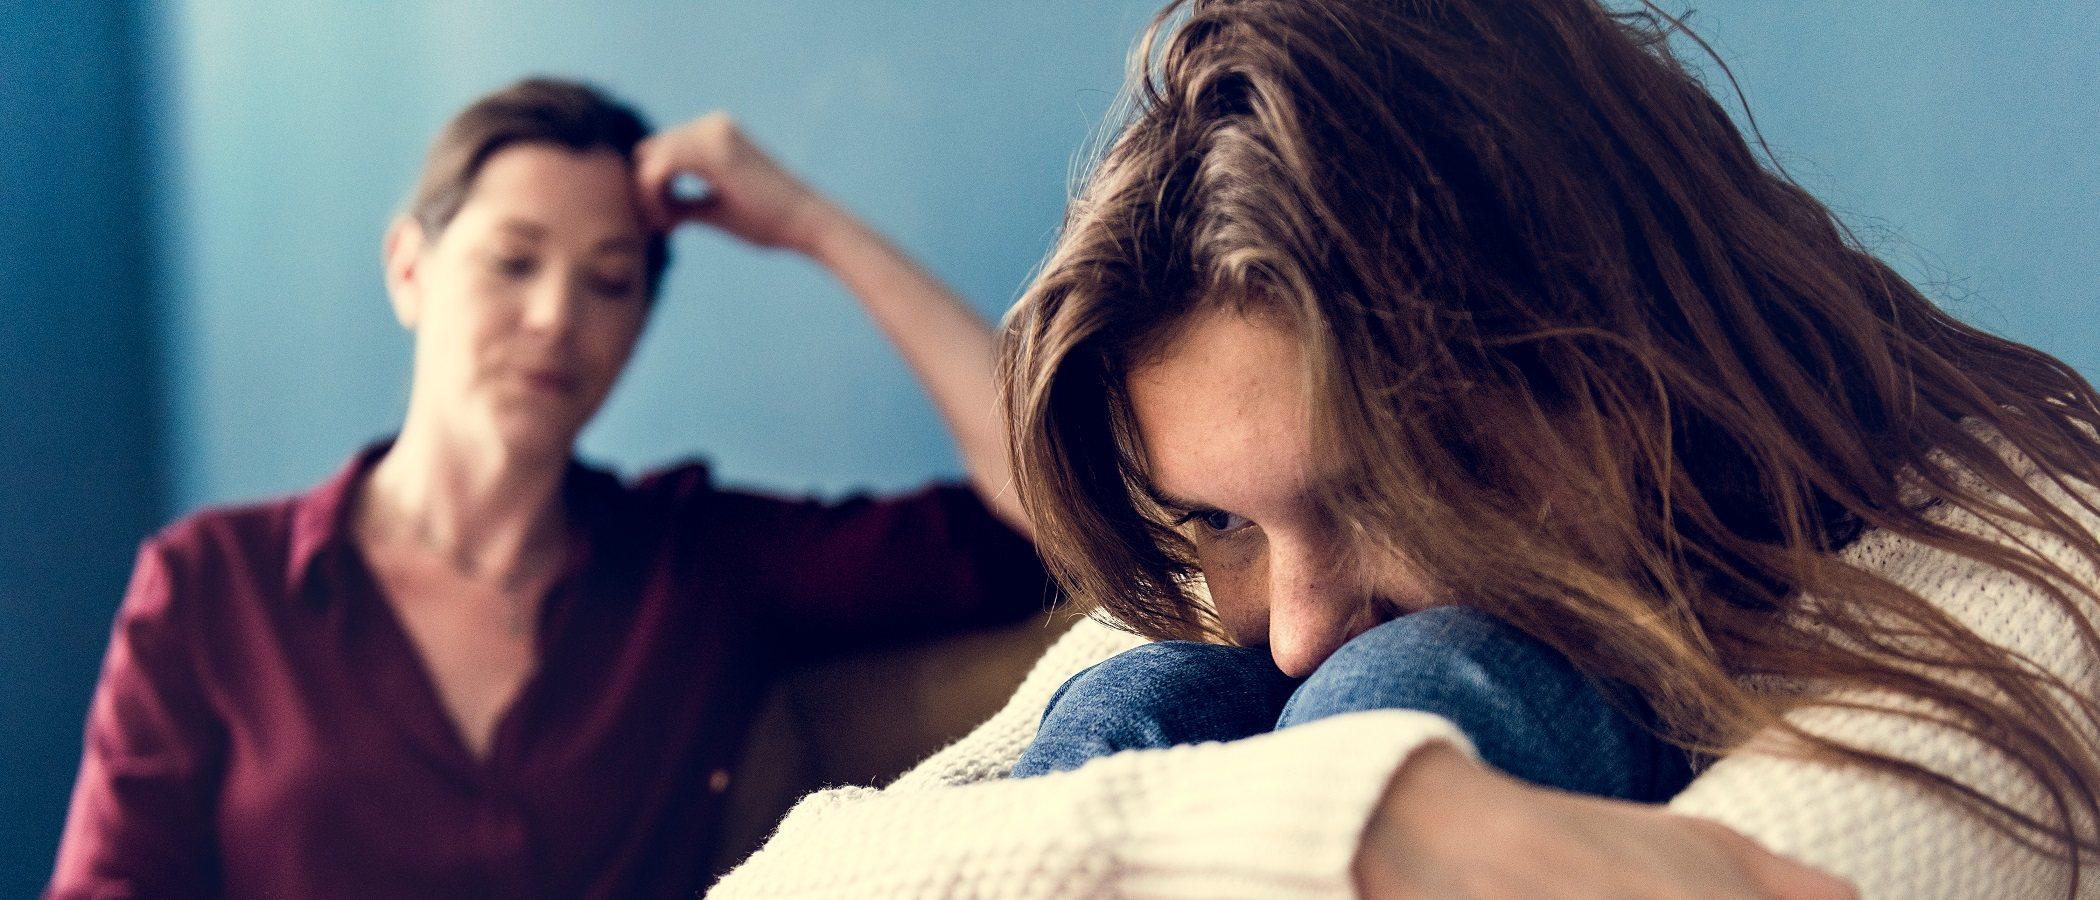 Adolescentes que no respetan las normas ni la autoridad de los padres